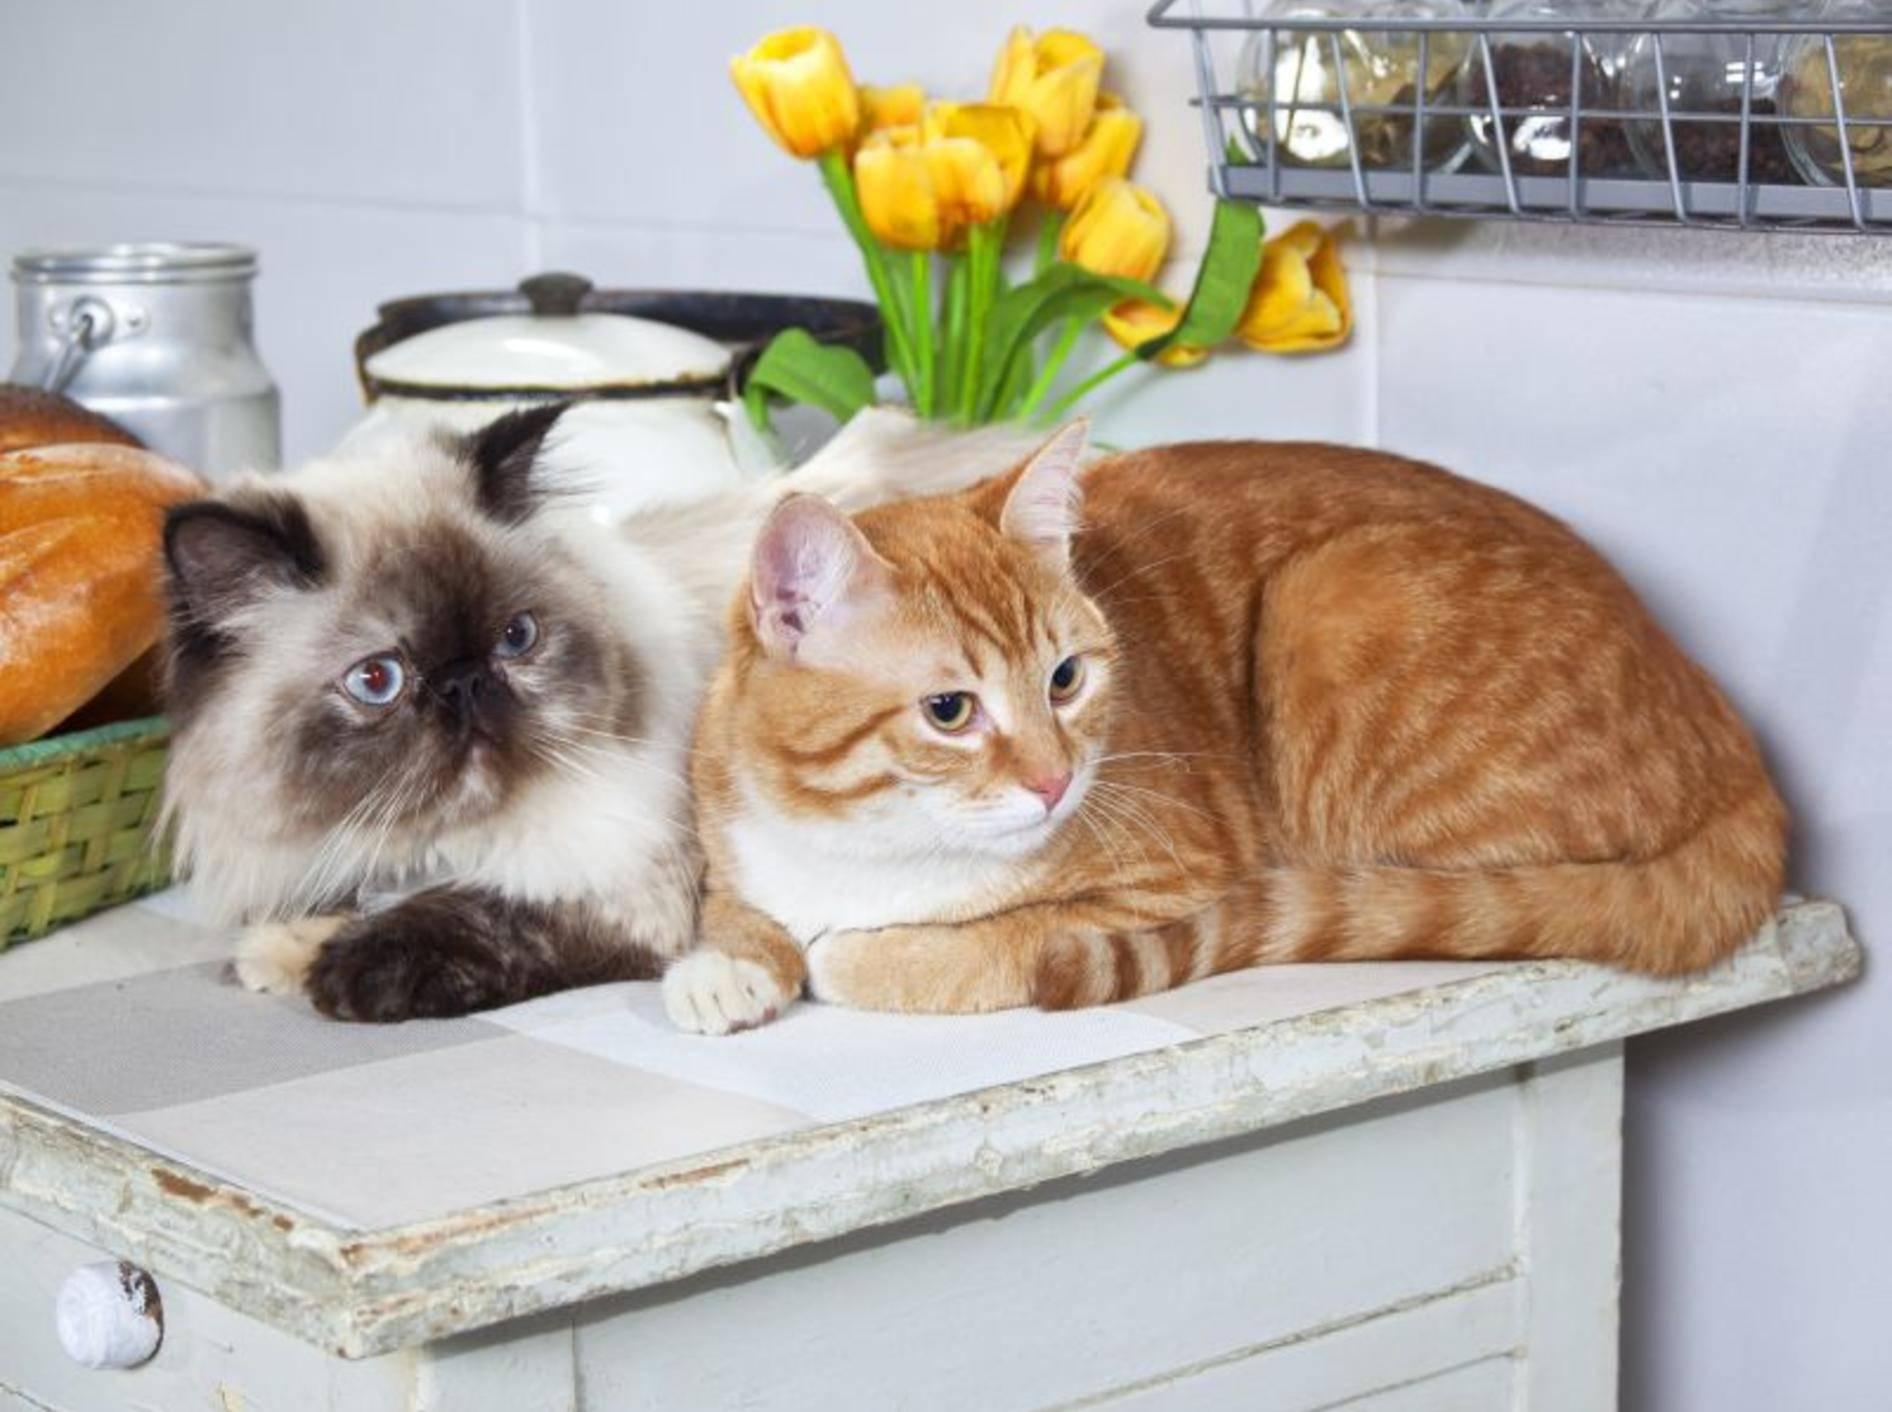 So gemütlich der Küchentisch auch ist, für Katzen sollte er Tabu sein — Bild: Shutterstock / Daria Gulenko